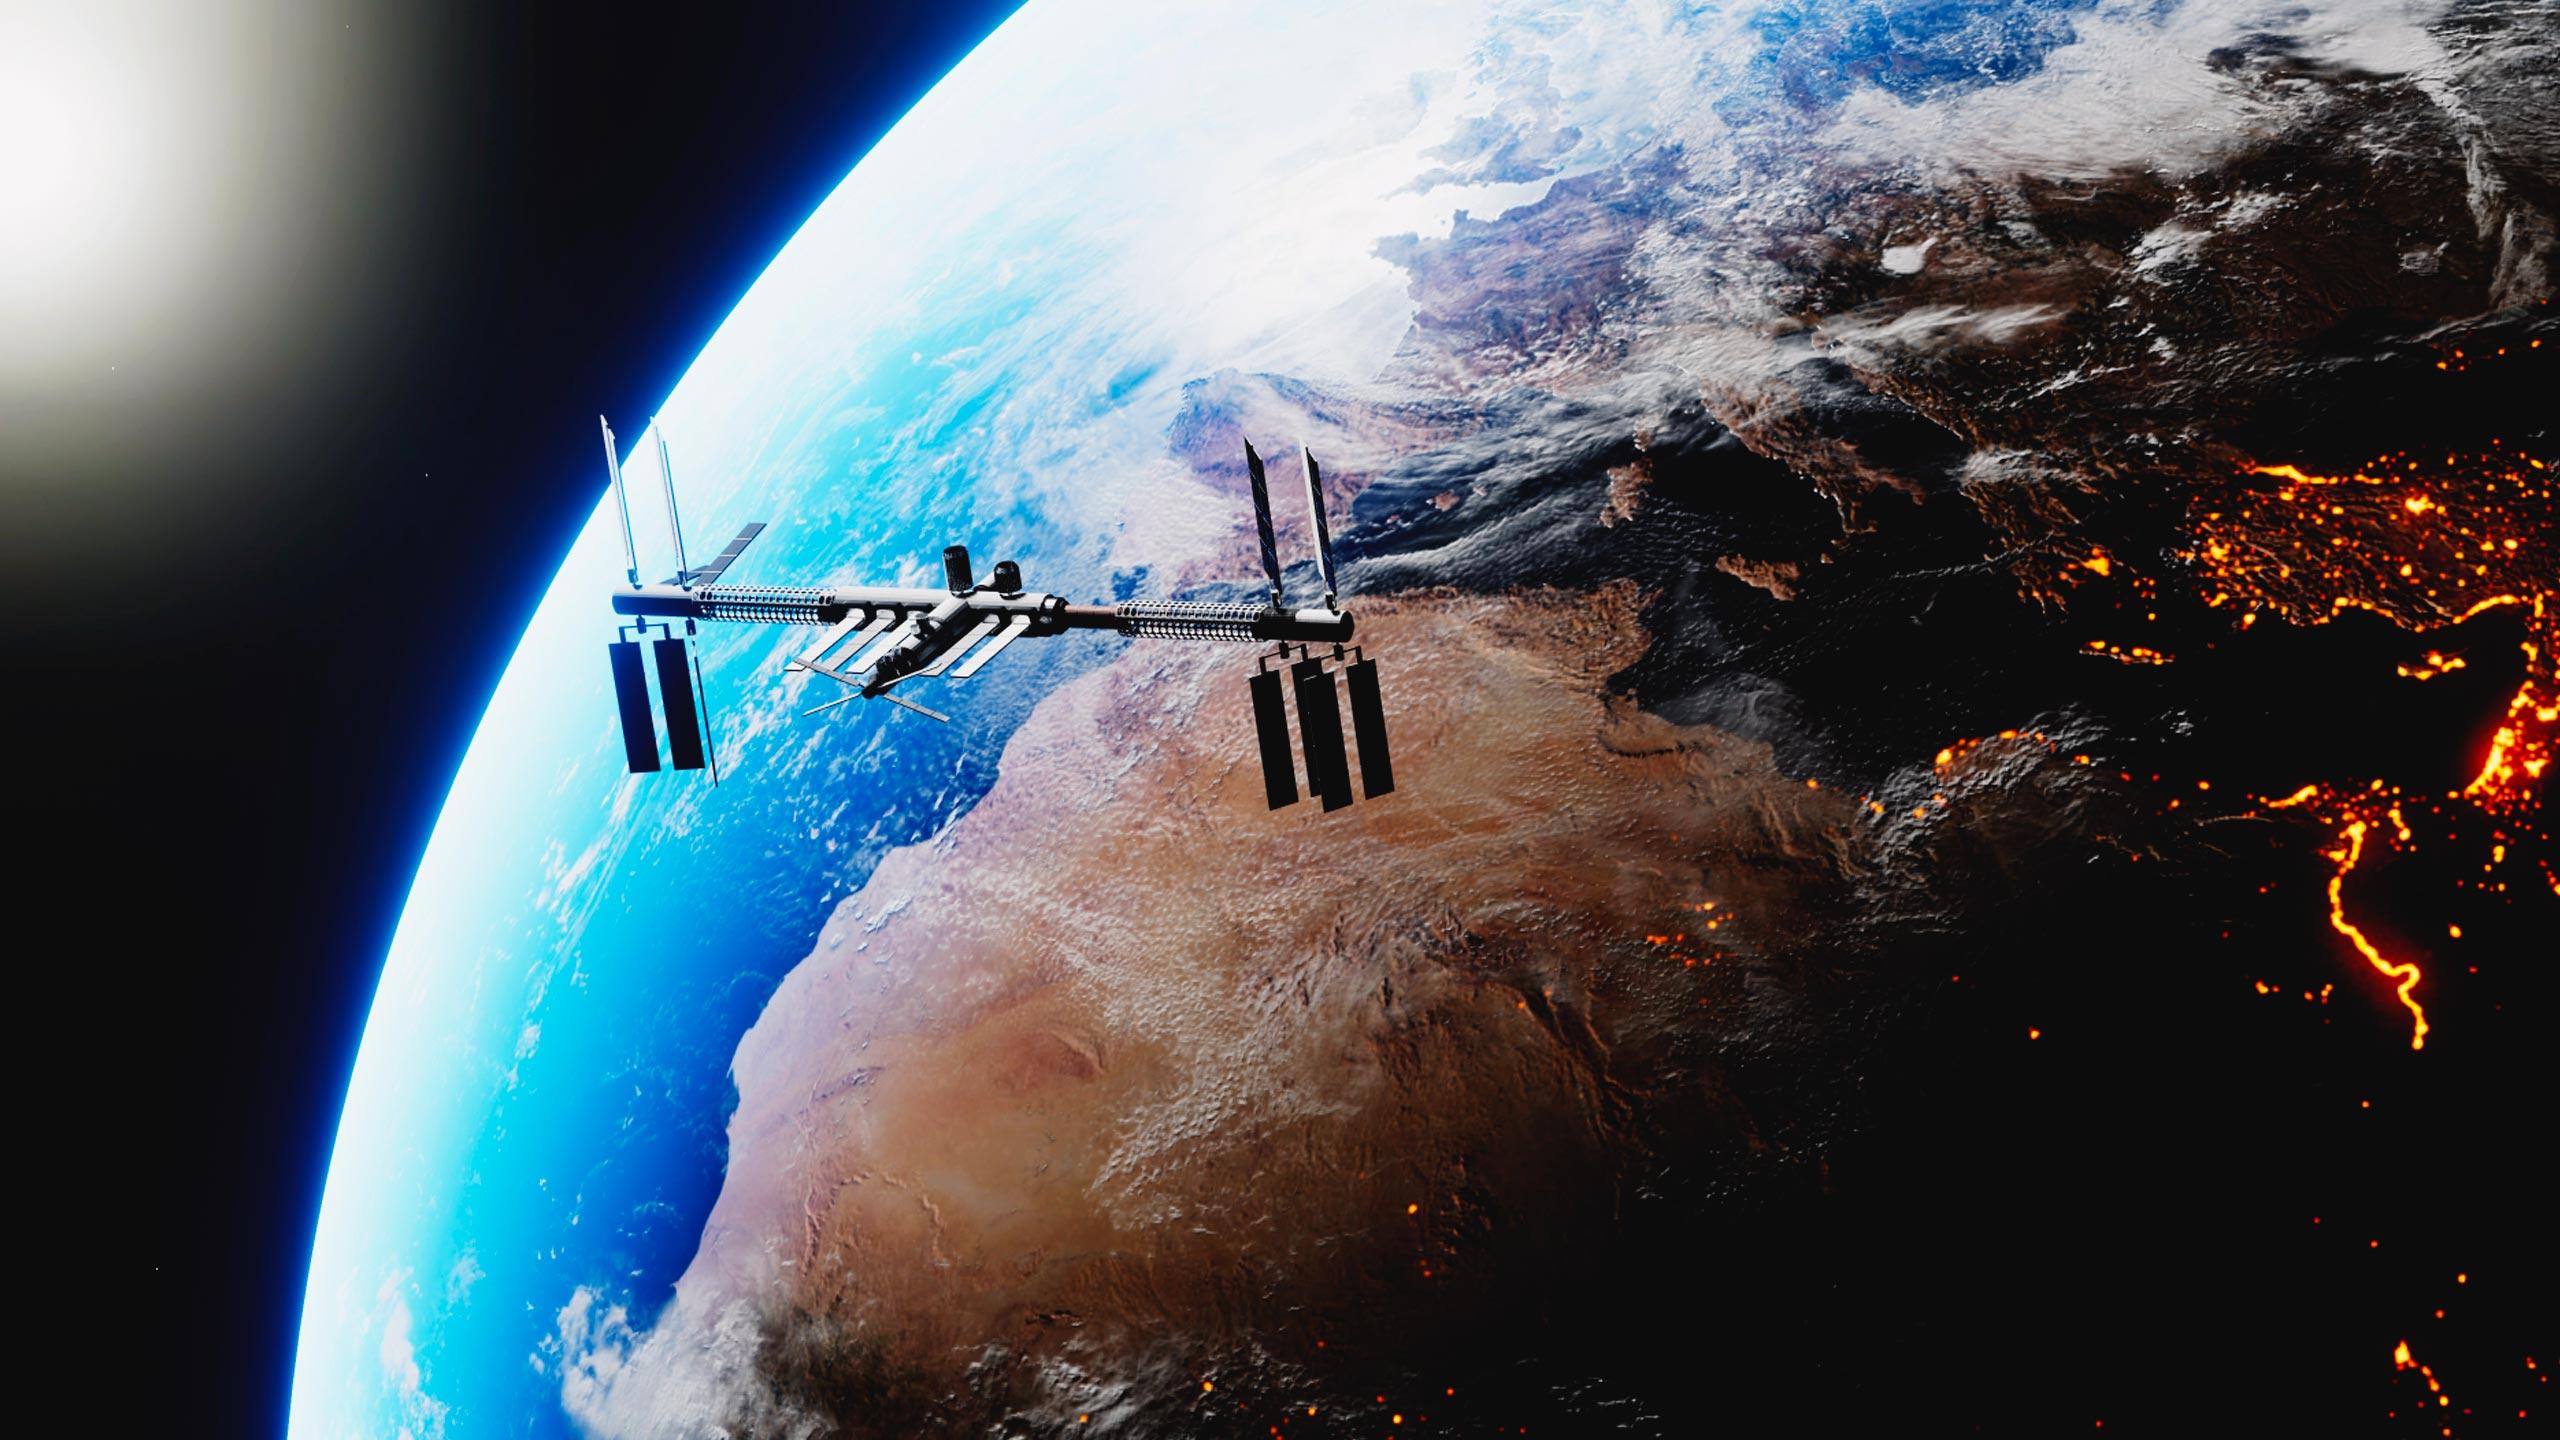 La Estación Espacial Internacional es un centro de investigación en la órbita terrestre, cuya administración, gestión y desarrollo están a cargo de la cooperación internacional.